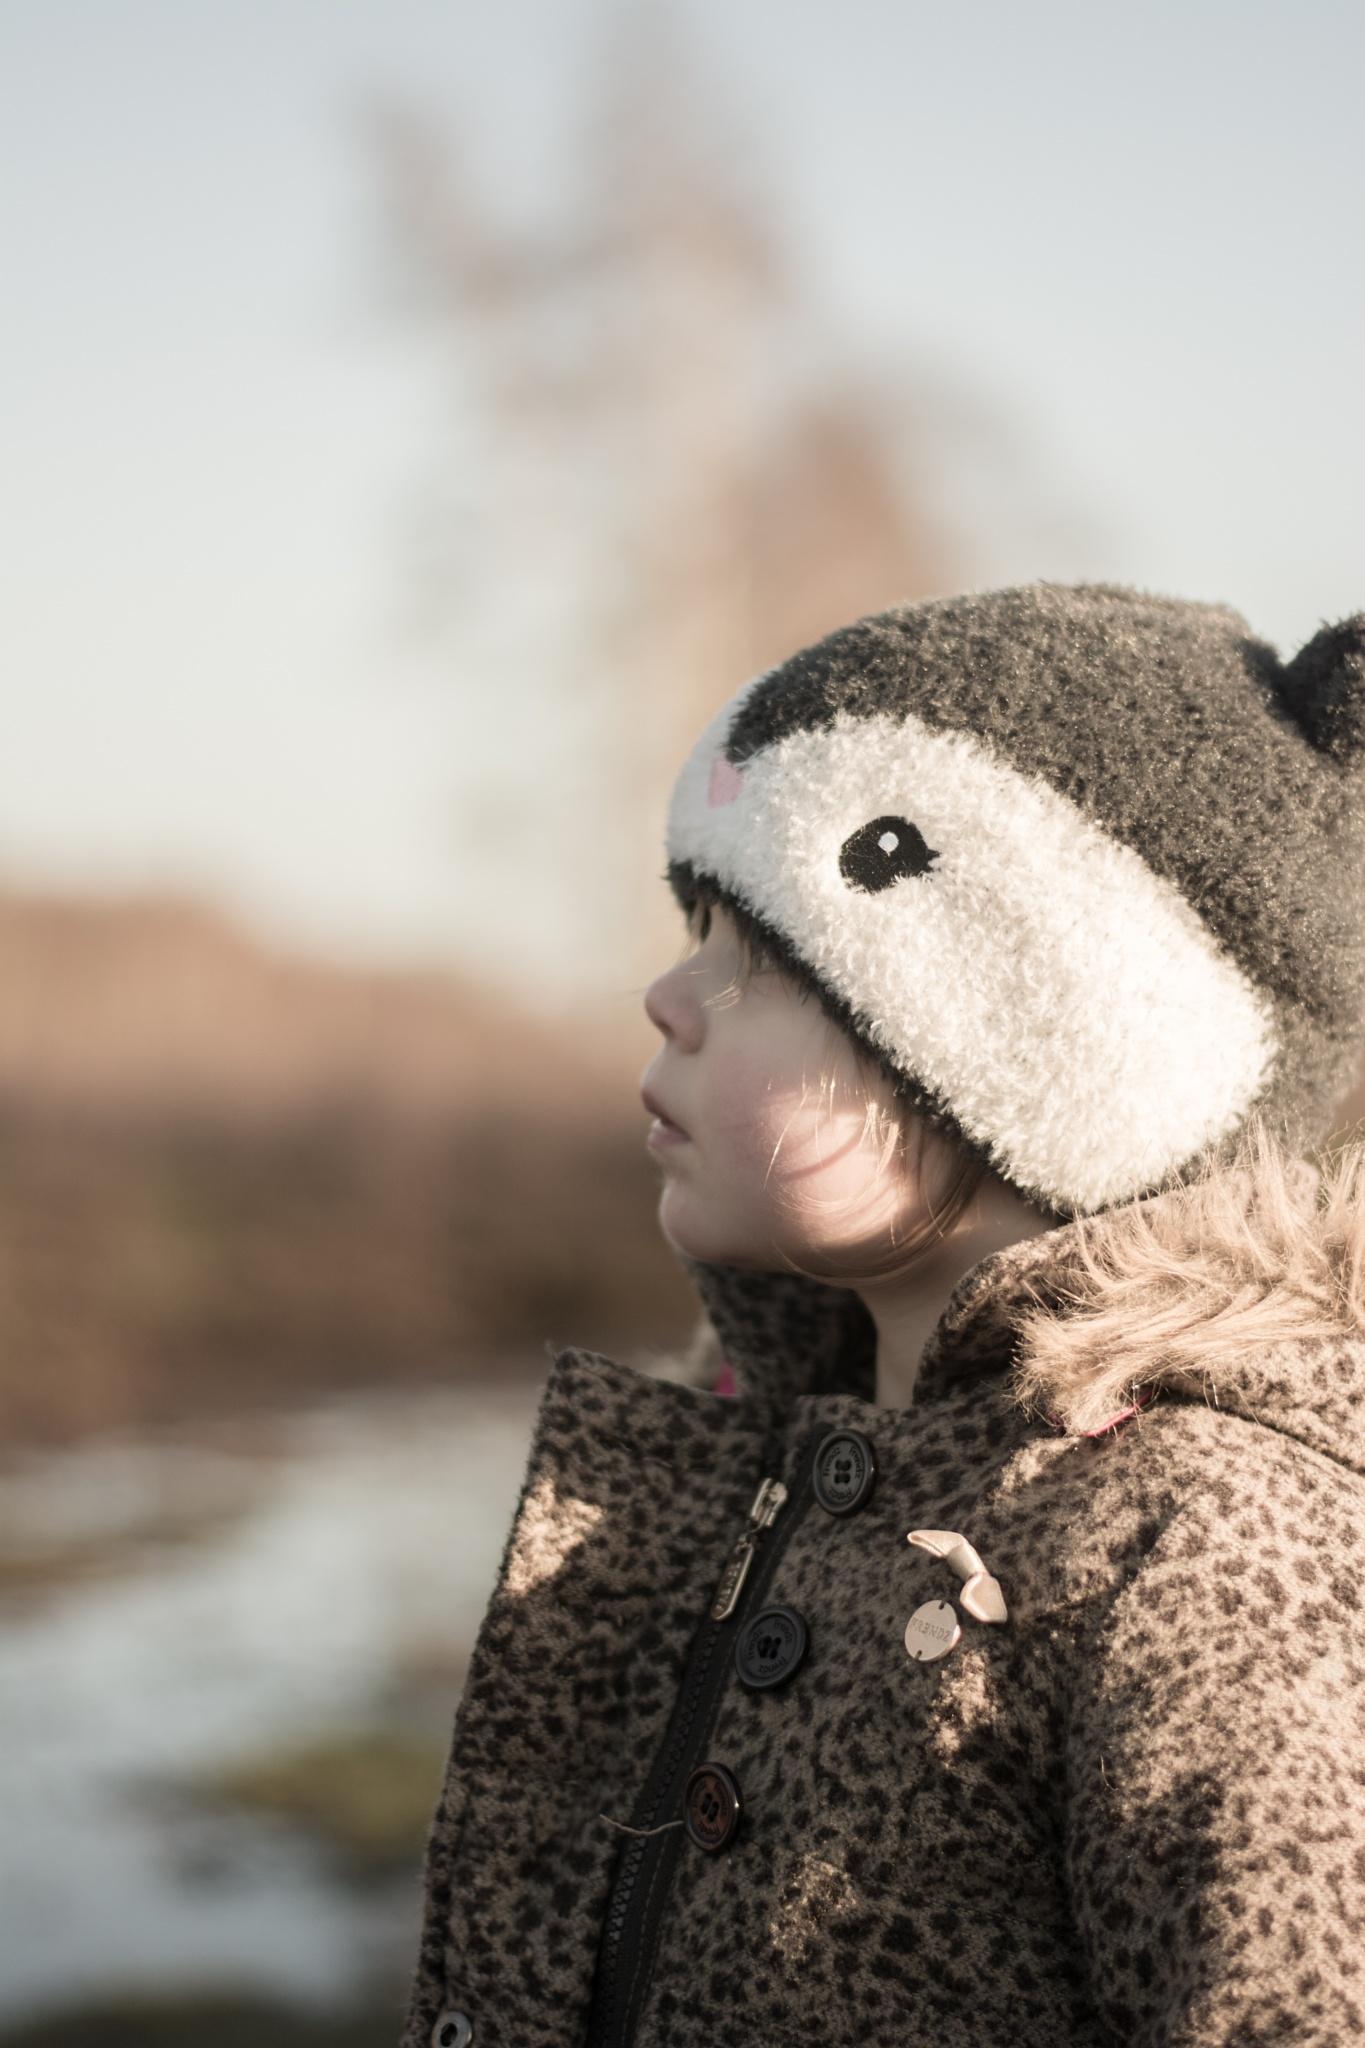 Little girl, cute hat :) by TaraKiekt.nl